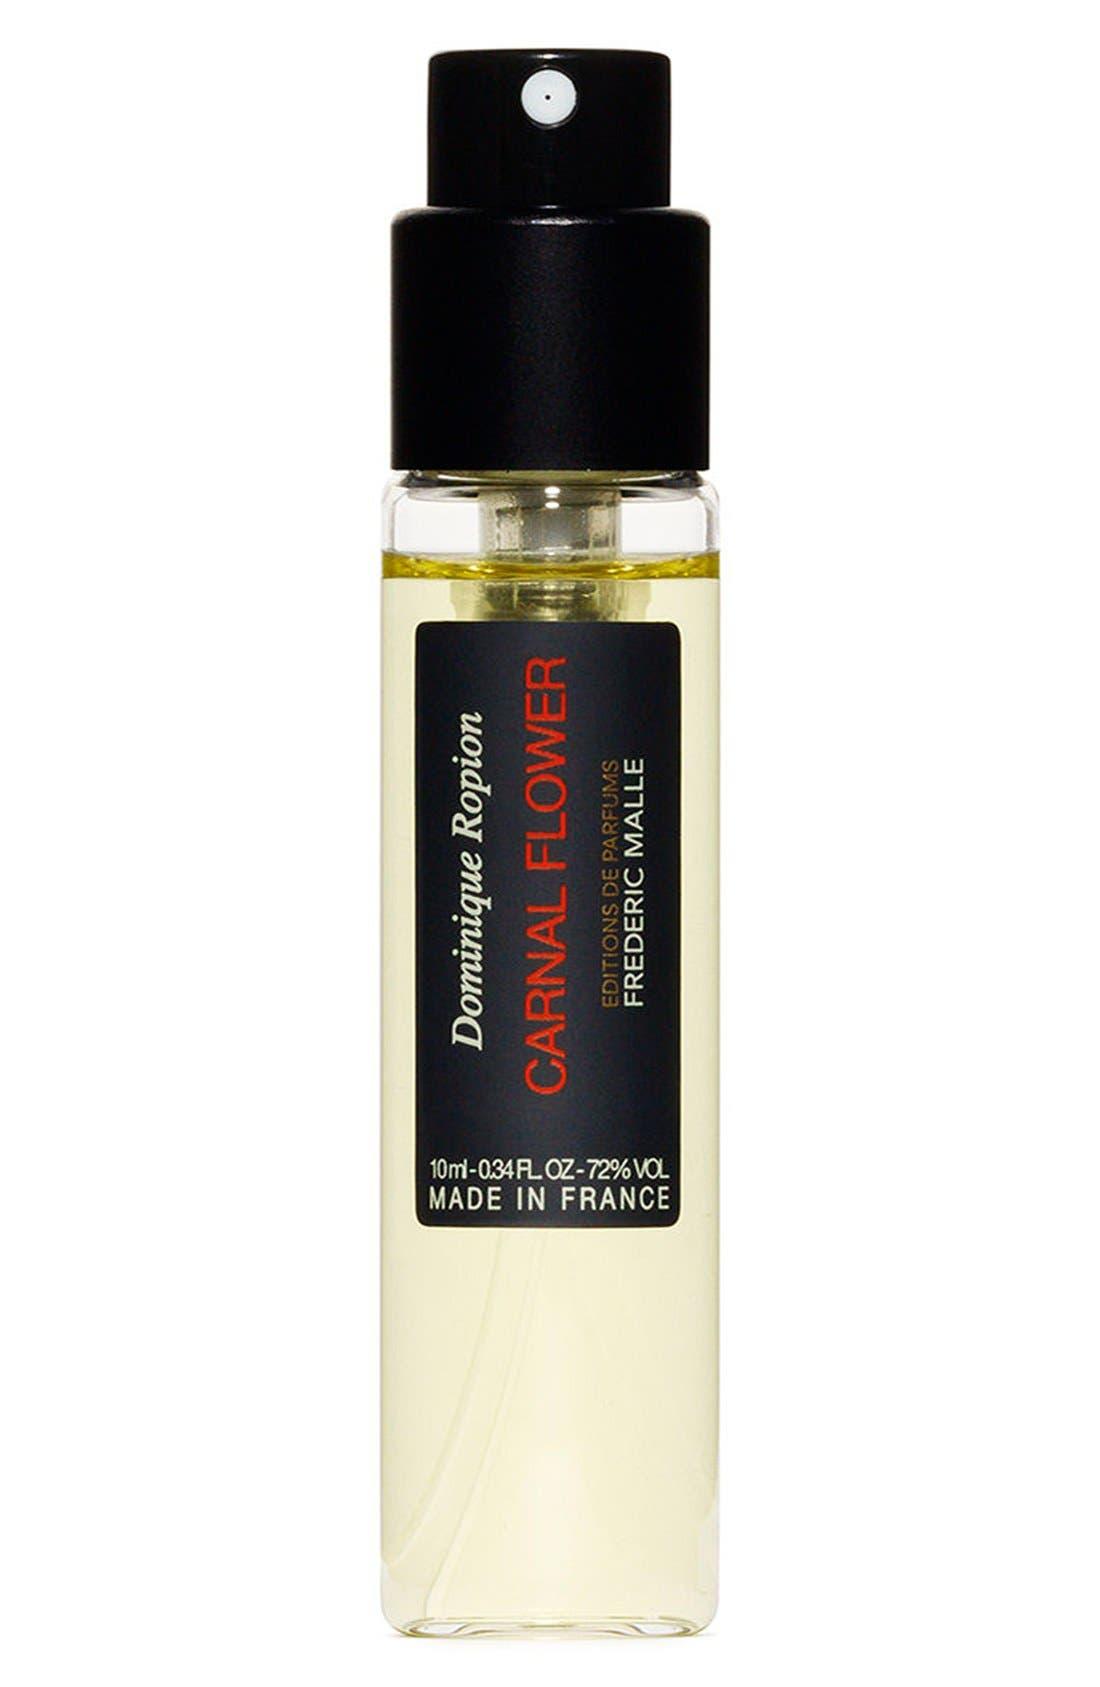 Editions de Parfums Frédéric Malle Carnal Flower Fragrance Travel Spray